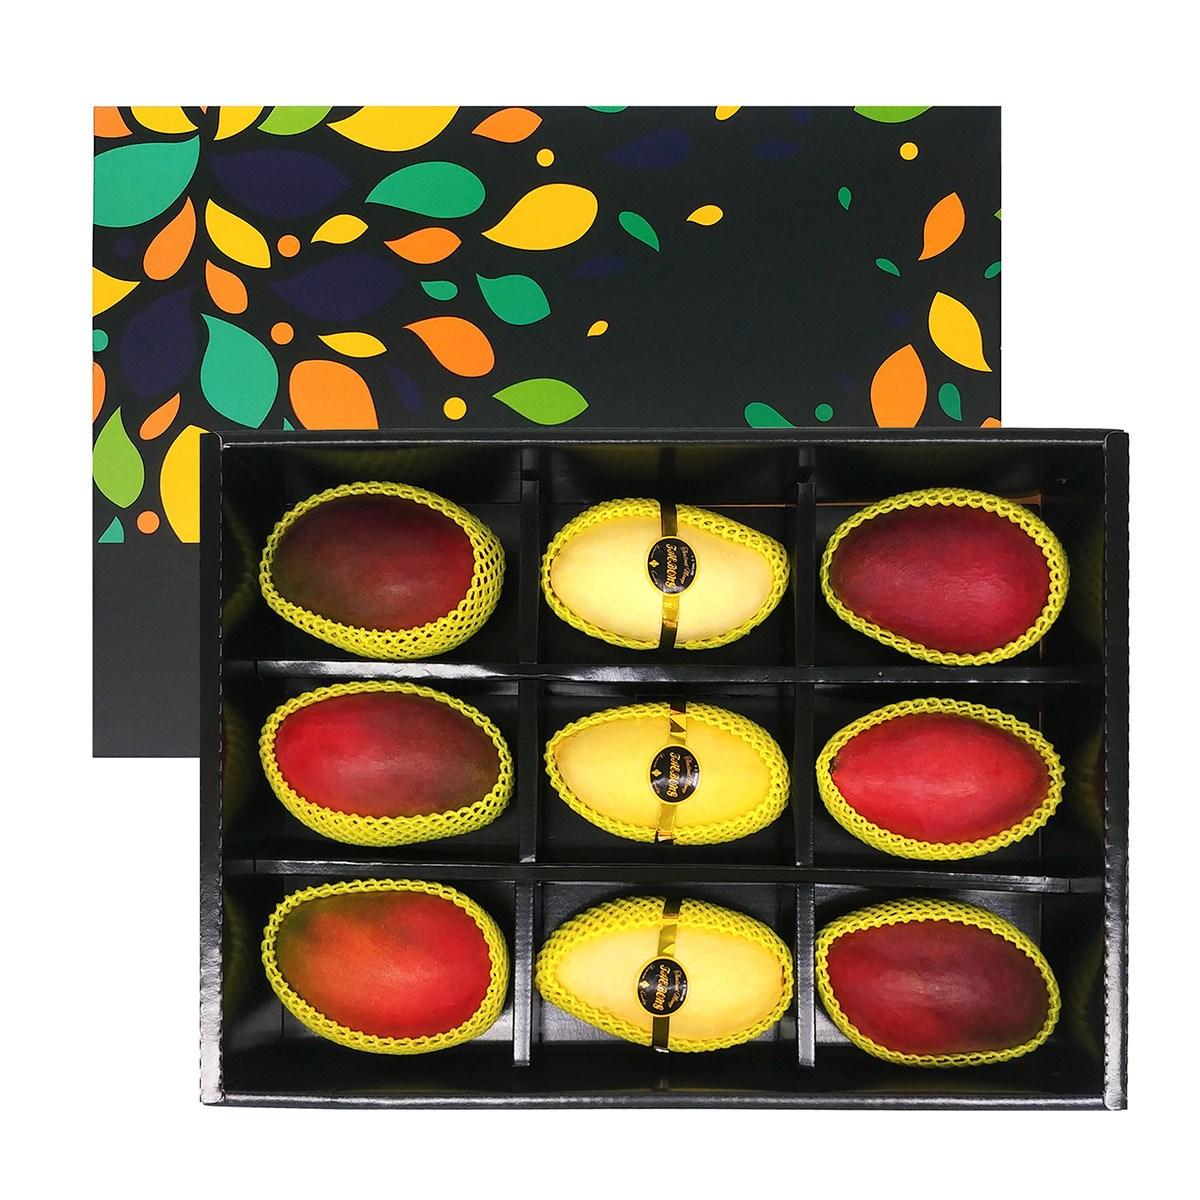 망고 2종 혼합 선물세트 3.7kg x 4세트 코스트코 정품, 단일상품